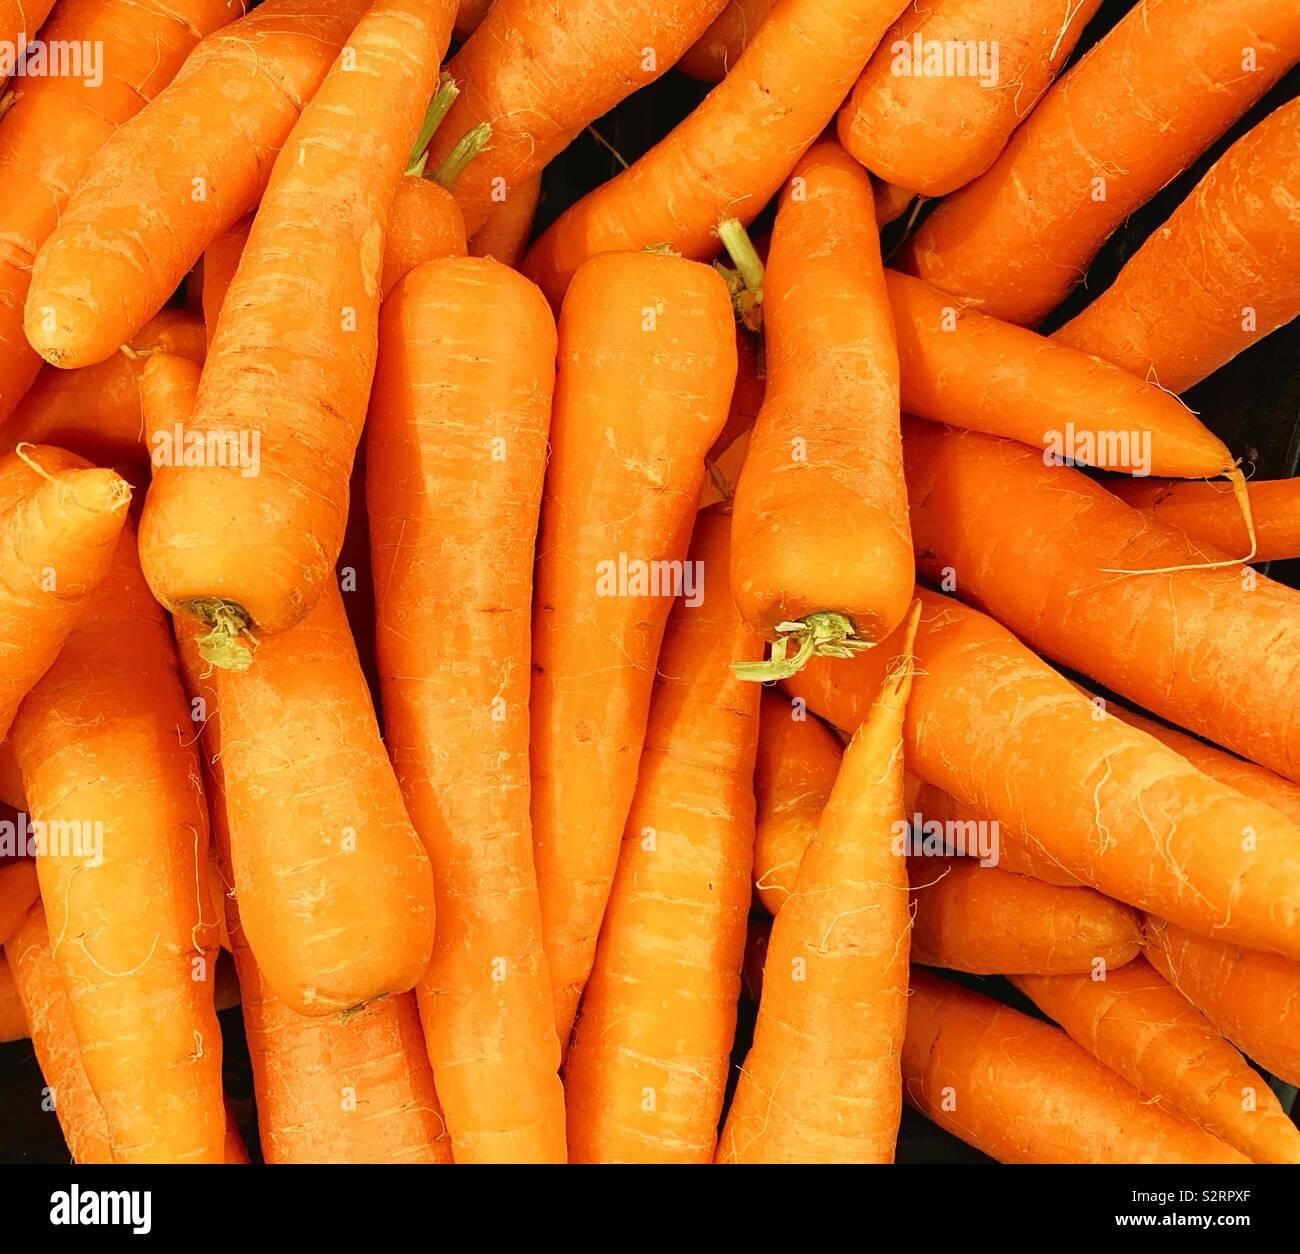 Zanahorias Sueltas Fotos E Imagenes De Stock Alamy Se verá en su color naranja intenso, ya que el color naranja pálido demuestra por lo general un sabor insípido. alamy